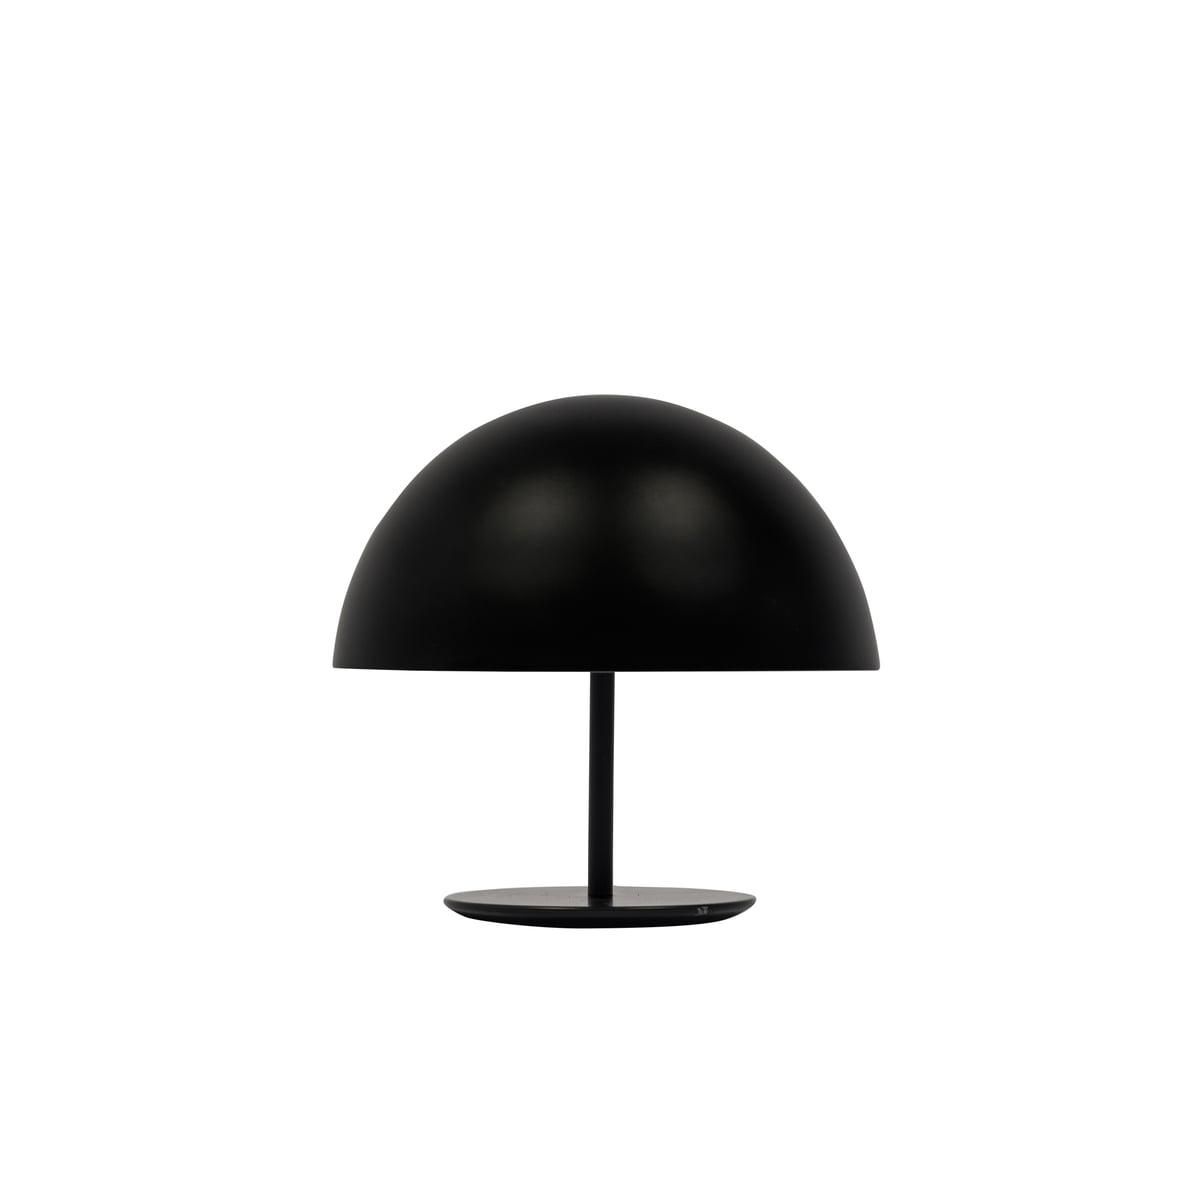 Dome Tischleuchte von Mater | Connox